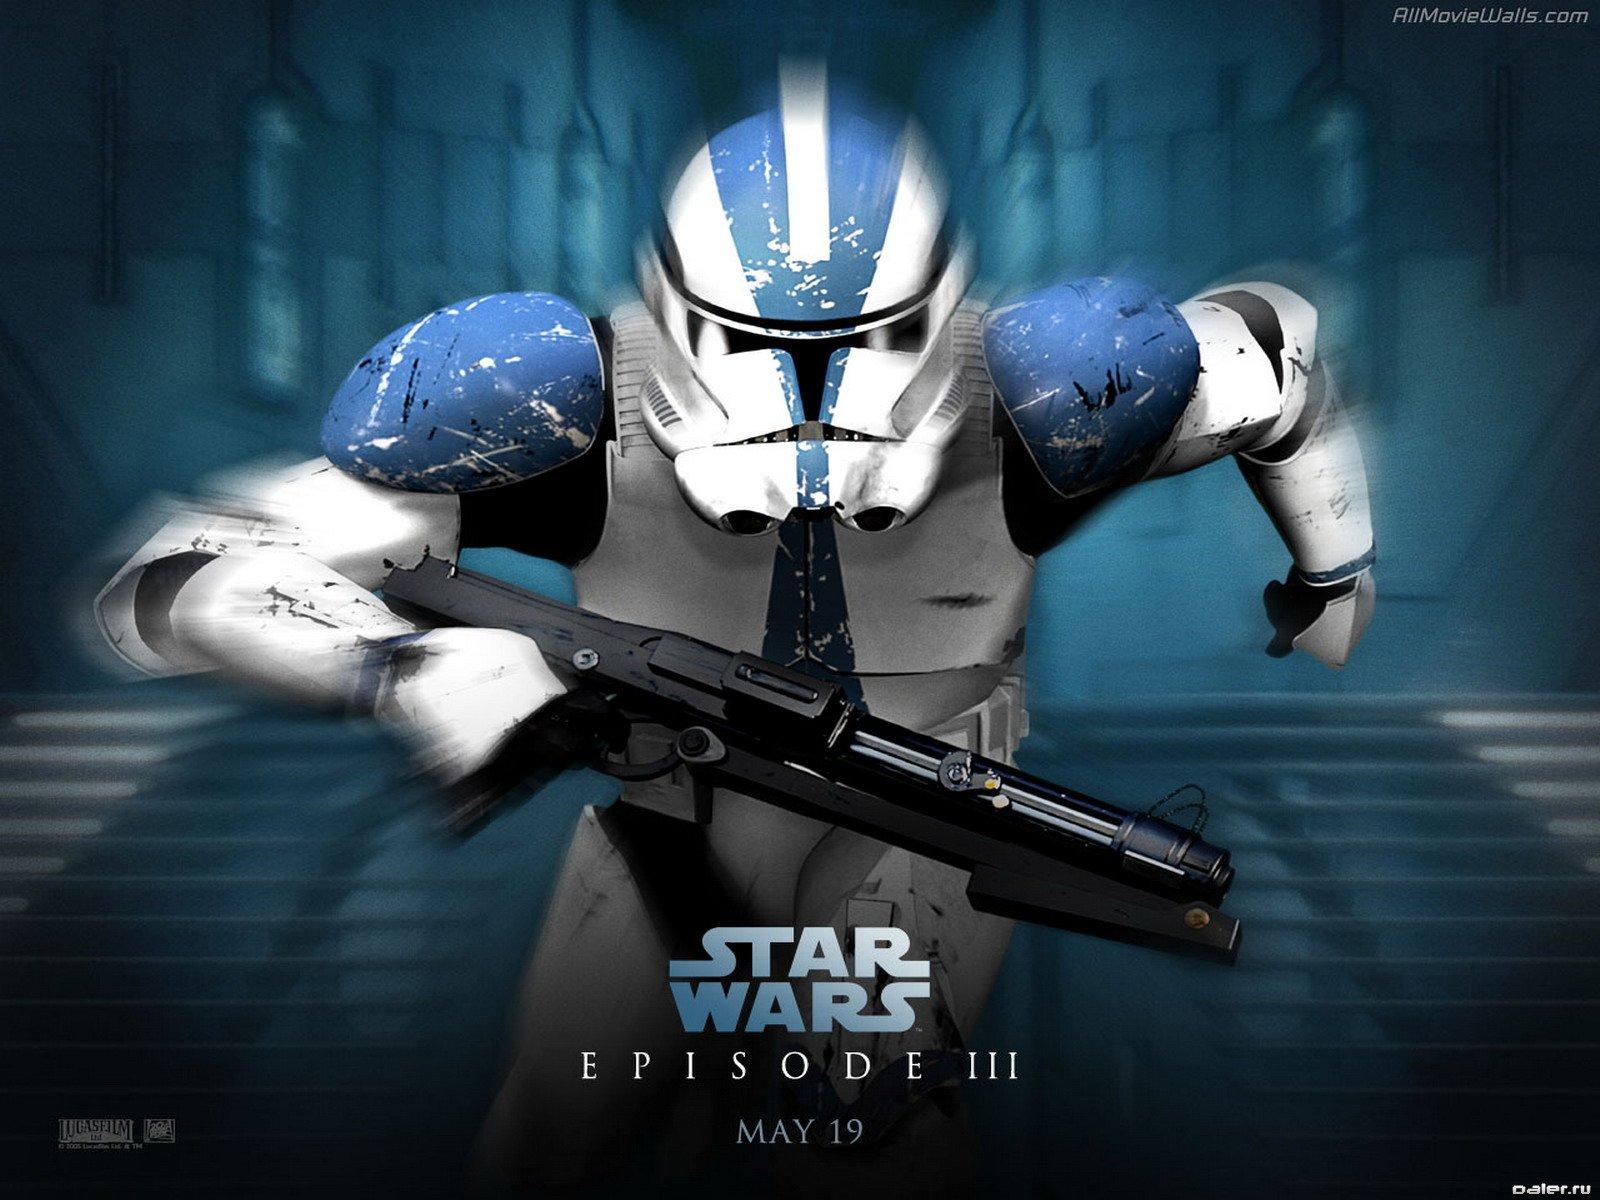 Скачать бесплатно картинку 176х208 (889 Episode III, Звездные Войны